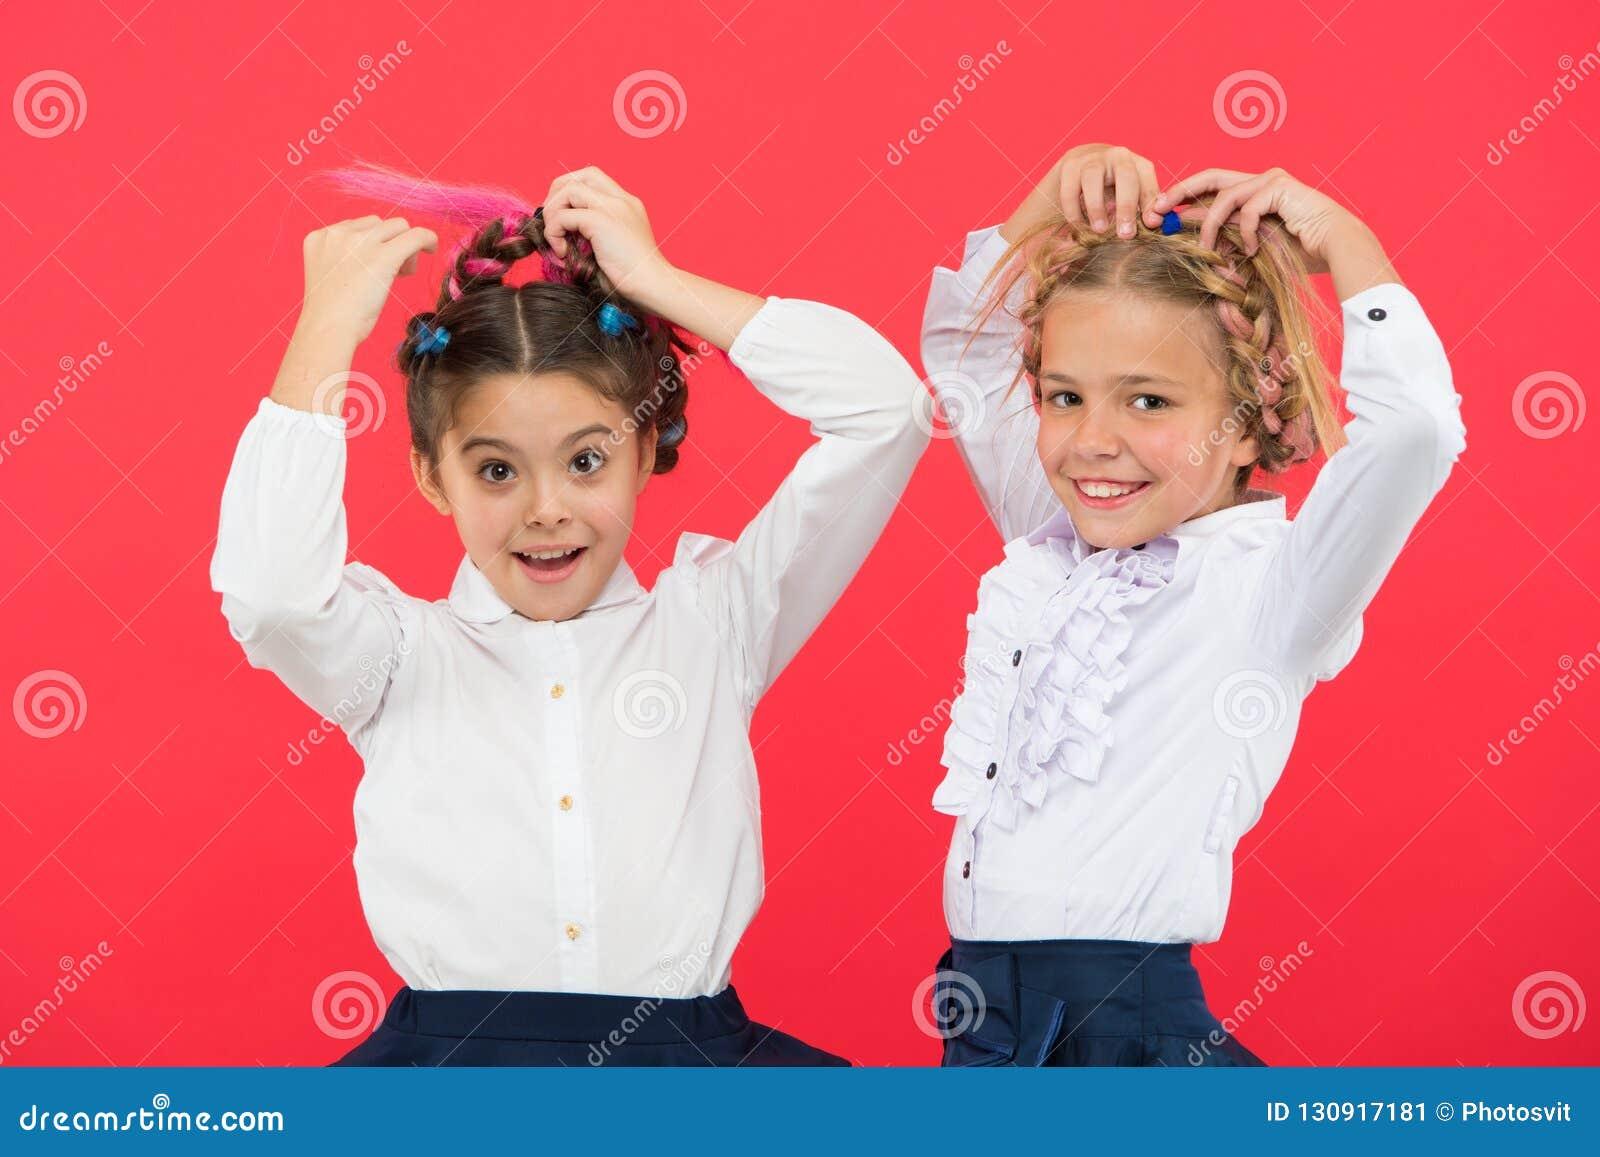 Maintenez les cheveux tressés pour le regard rangé Les élèves d enfants jouent avec de longs cheveux tressés Salon de coiffeur Co